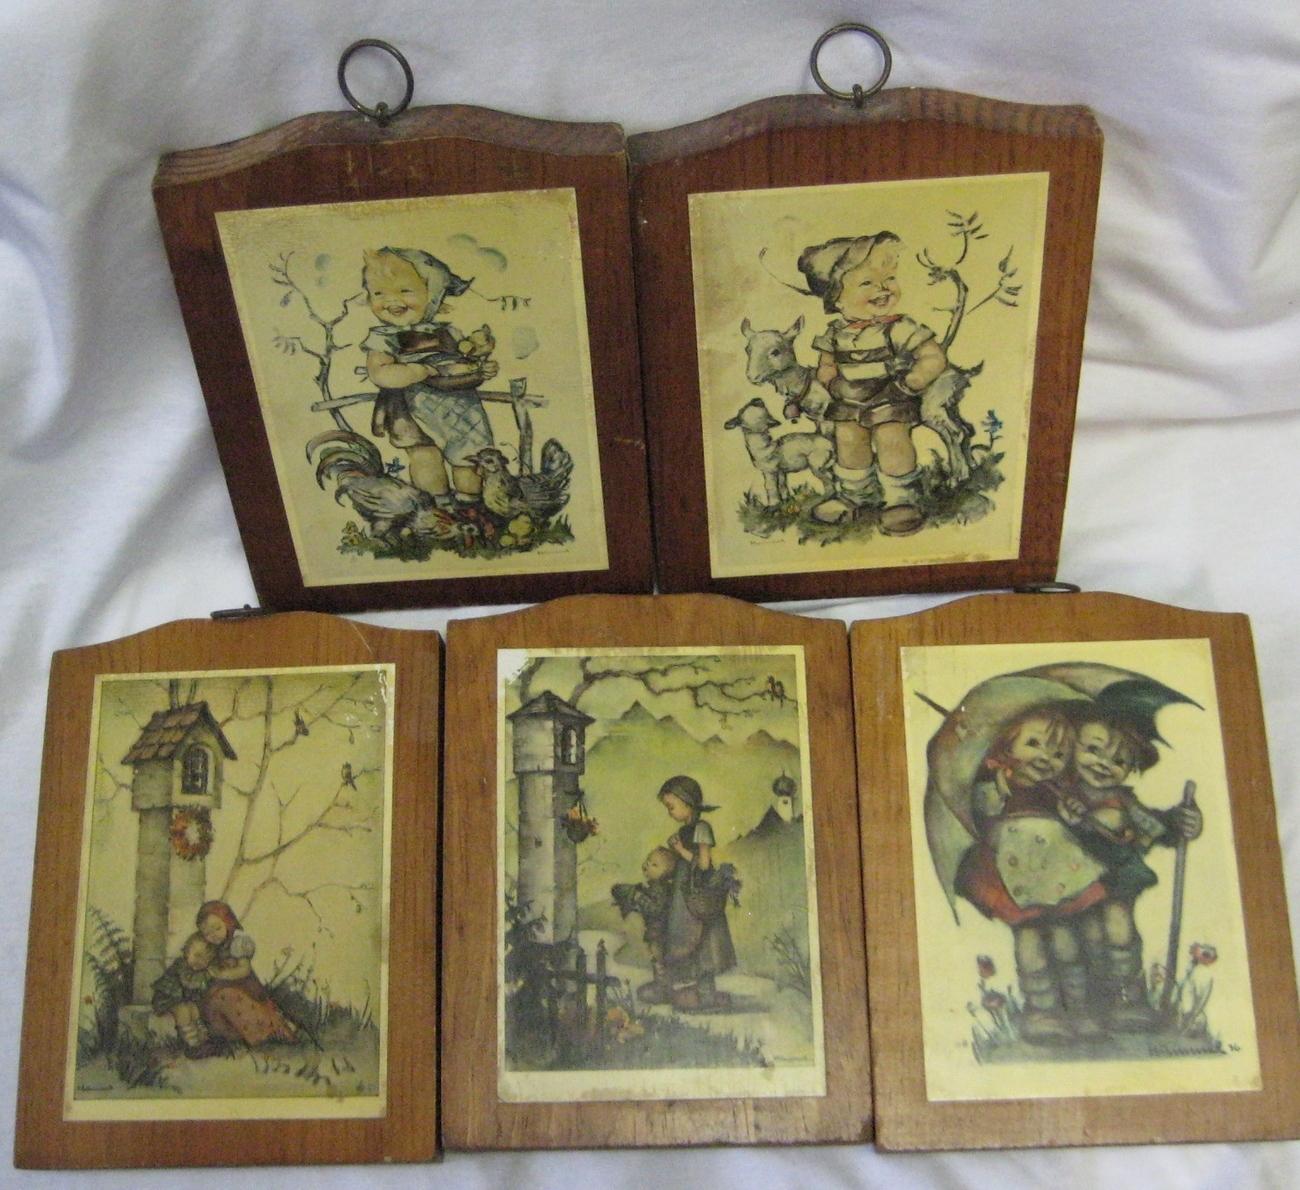 5 Vintage Hummel Children Wood Wall Plaques Chickens, Sheep, Children, Birds - $19.99